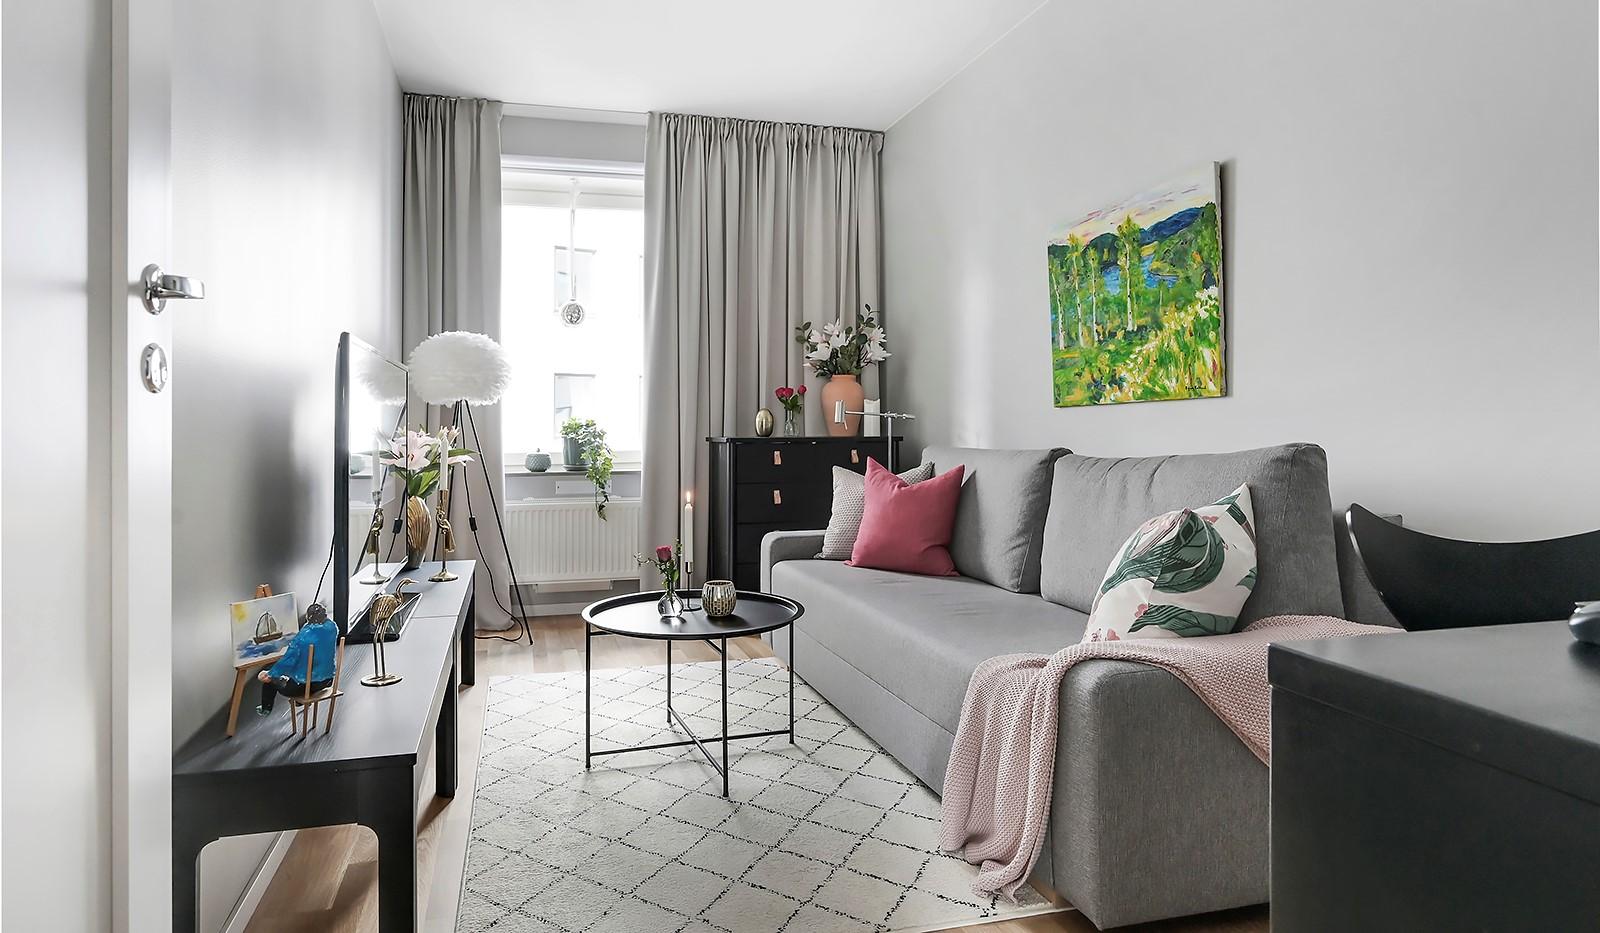 Sjöviksbacken 18, 4 tr - Rymligt sovrum som man kan ha som barnrum, gästrum eller kontor